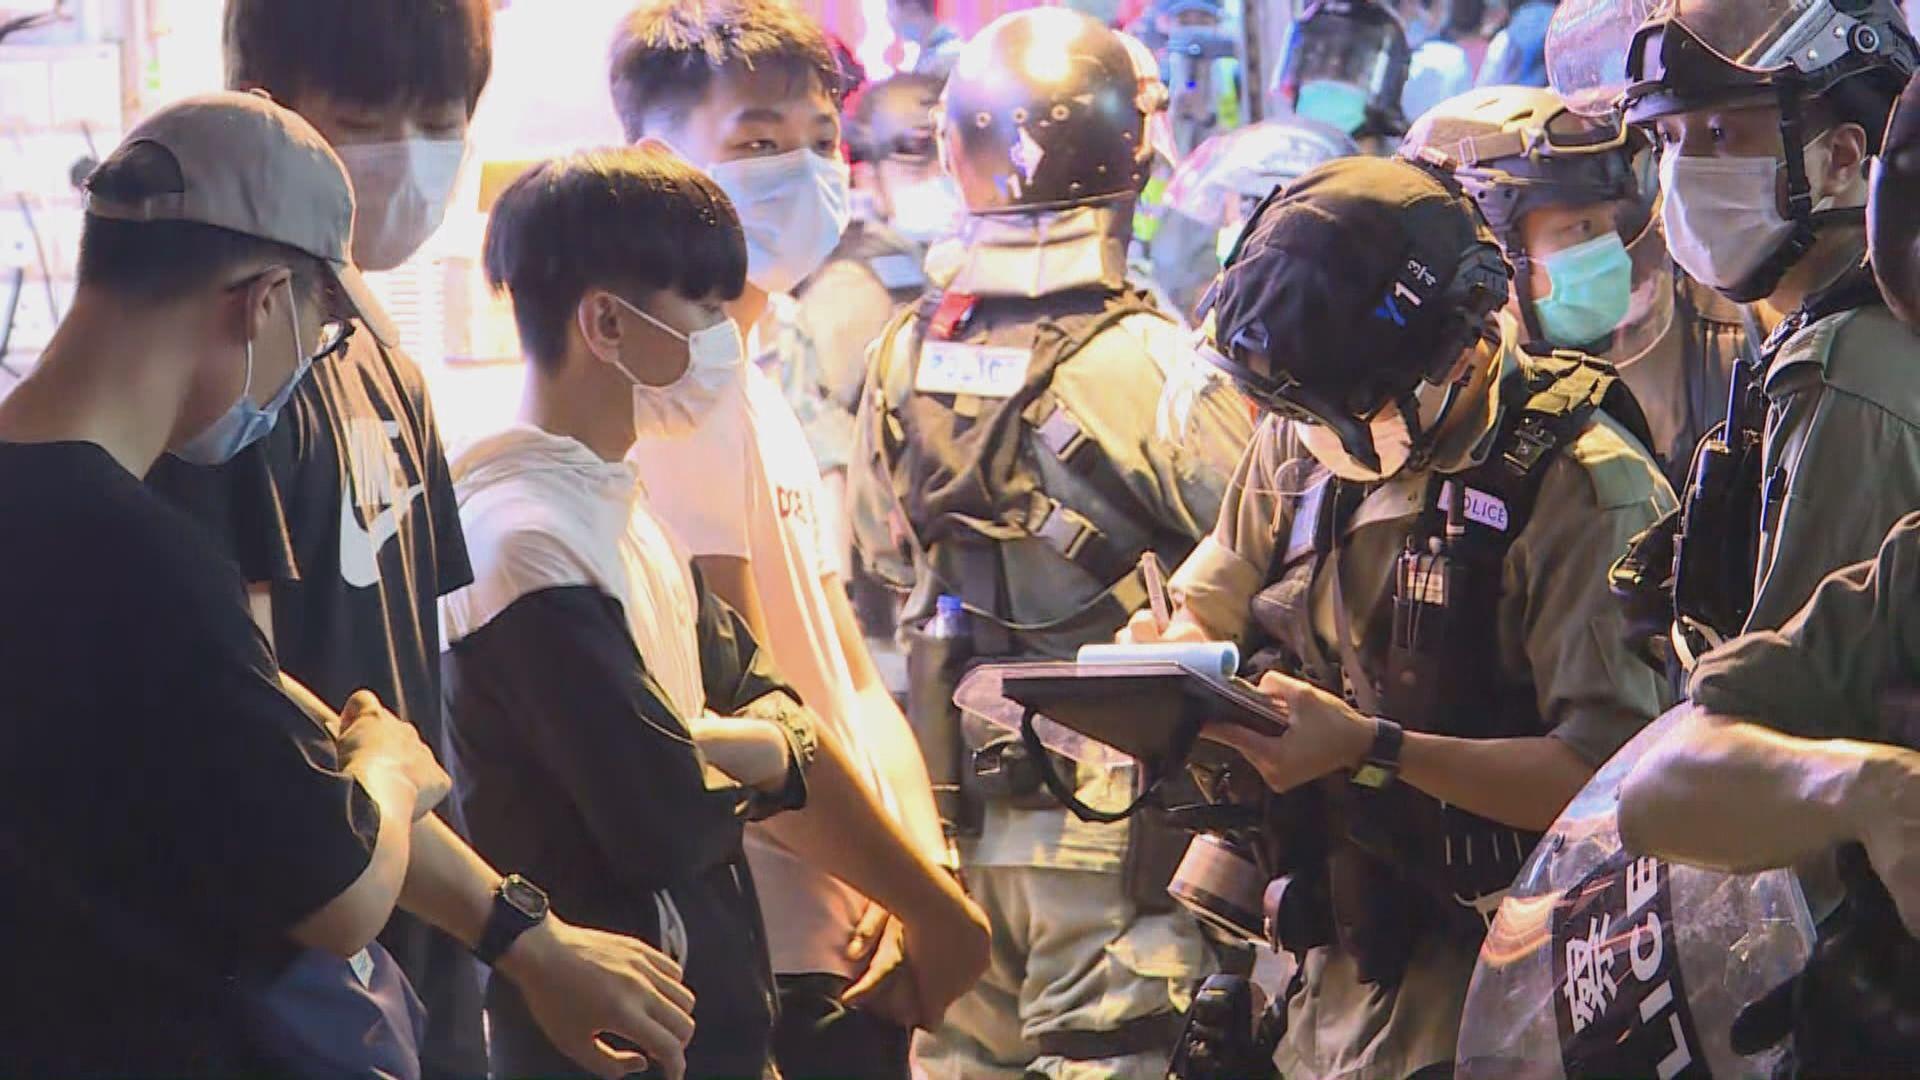 周梓樂逝世半年 旺角有人群聚集遭警方到場驅散